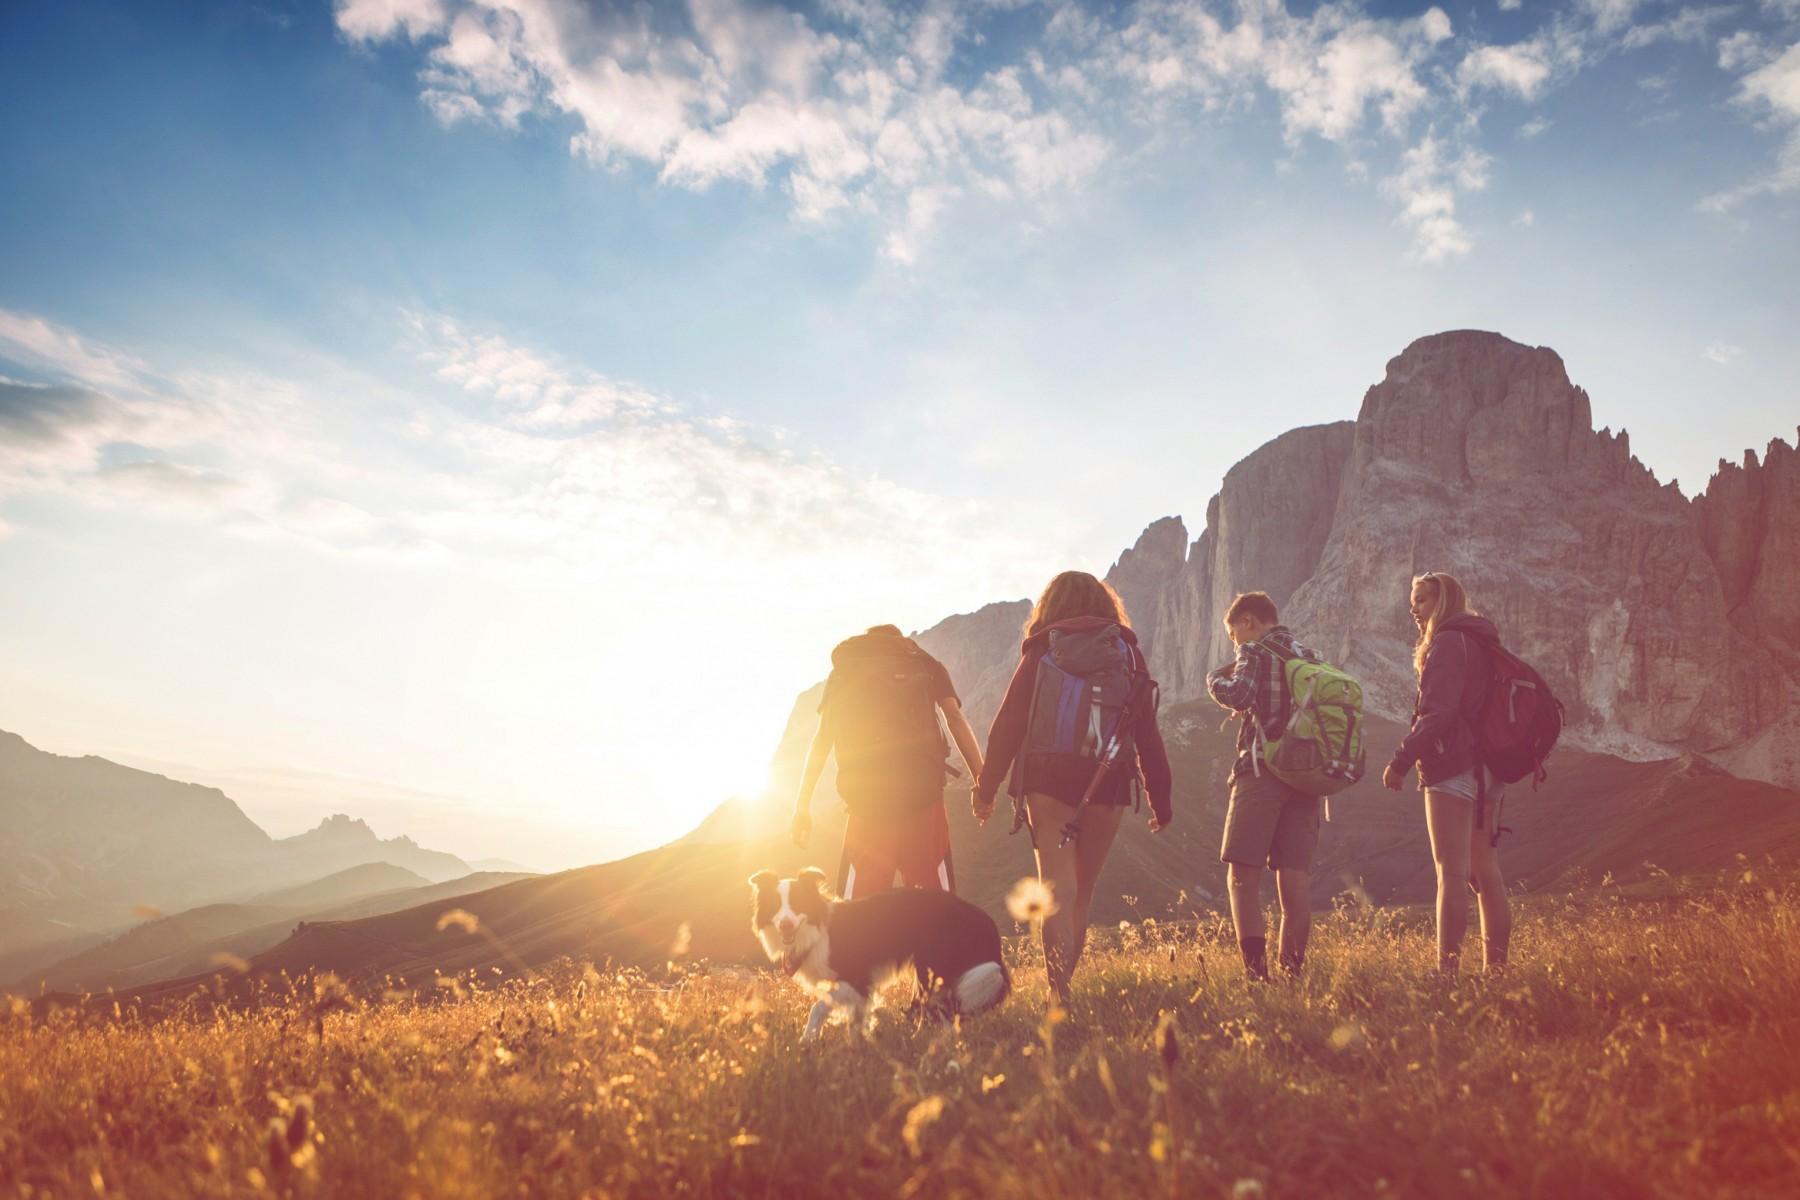 ブッキング・ドットコム、情熱をもって旅に出かける人を応援する「情熱トラベラープロジェクト」始動!